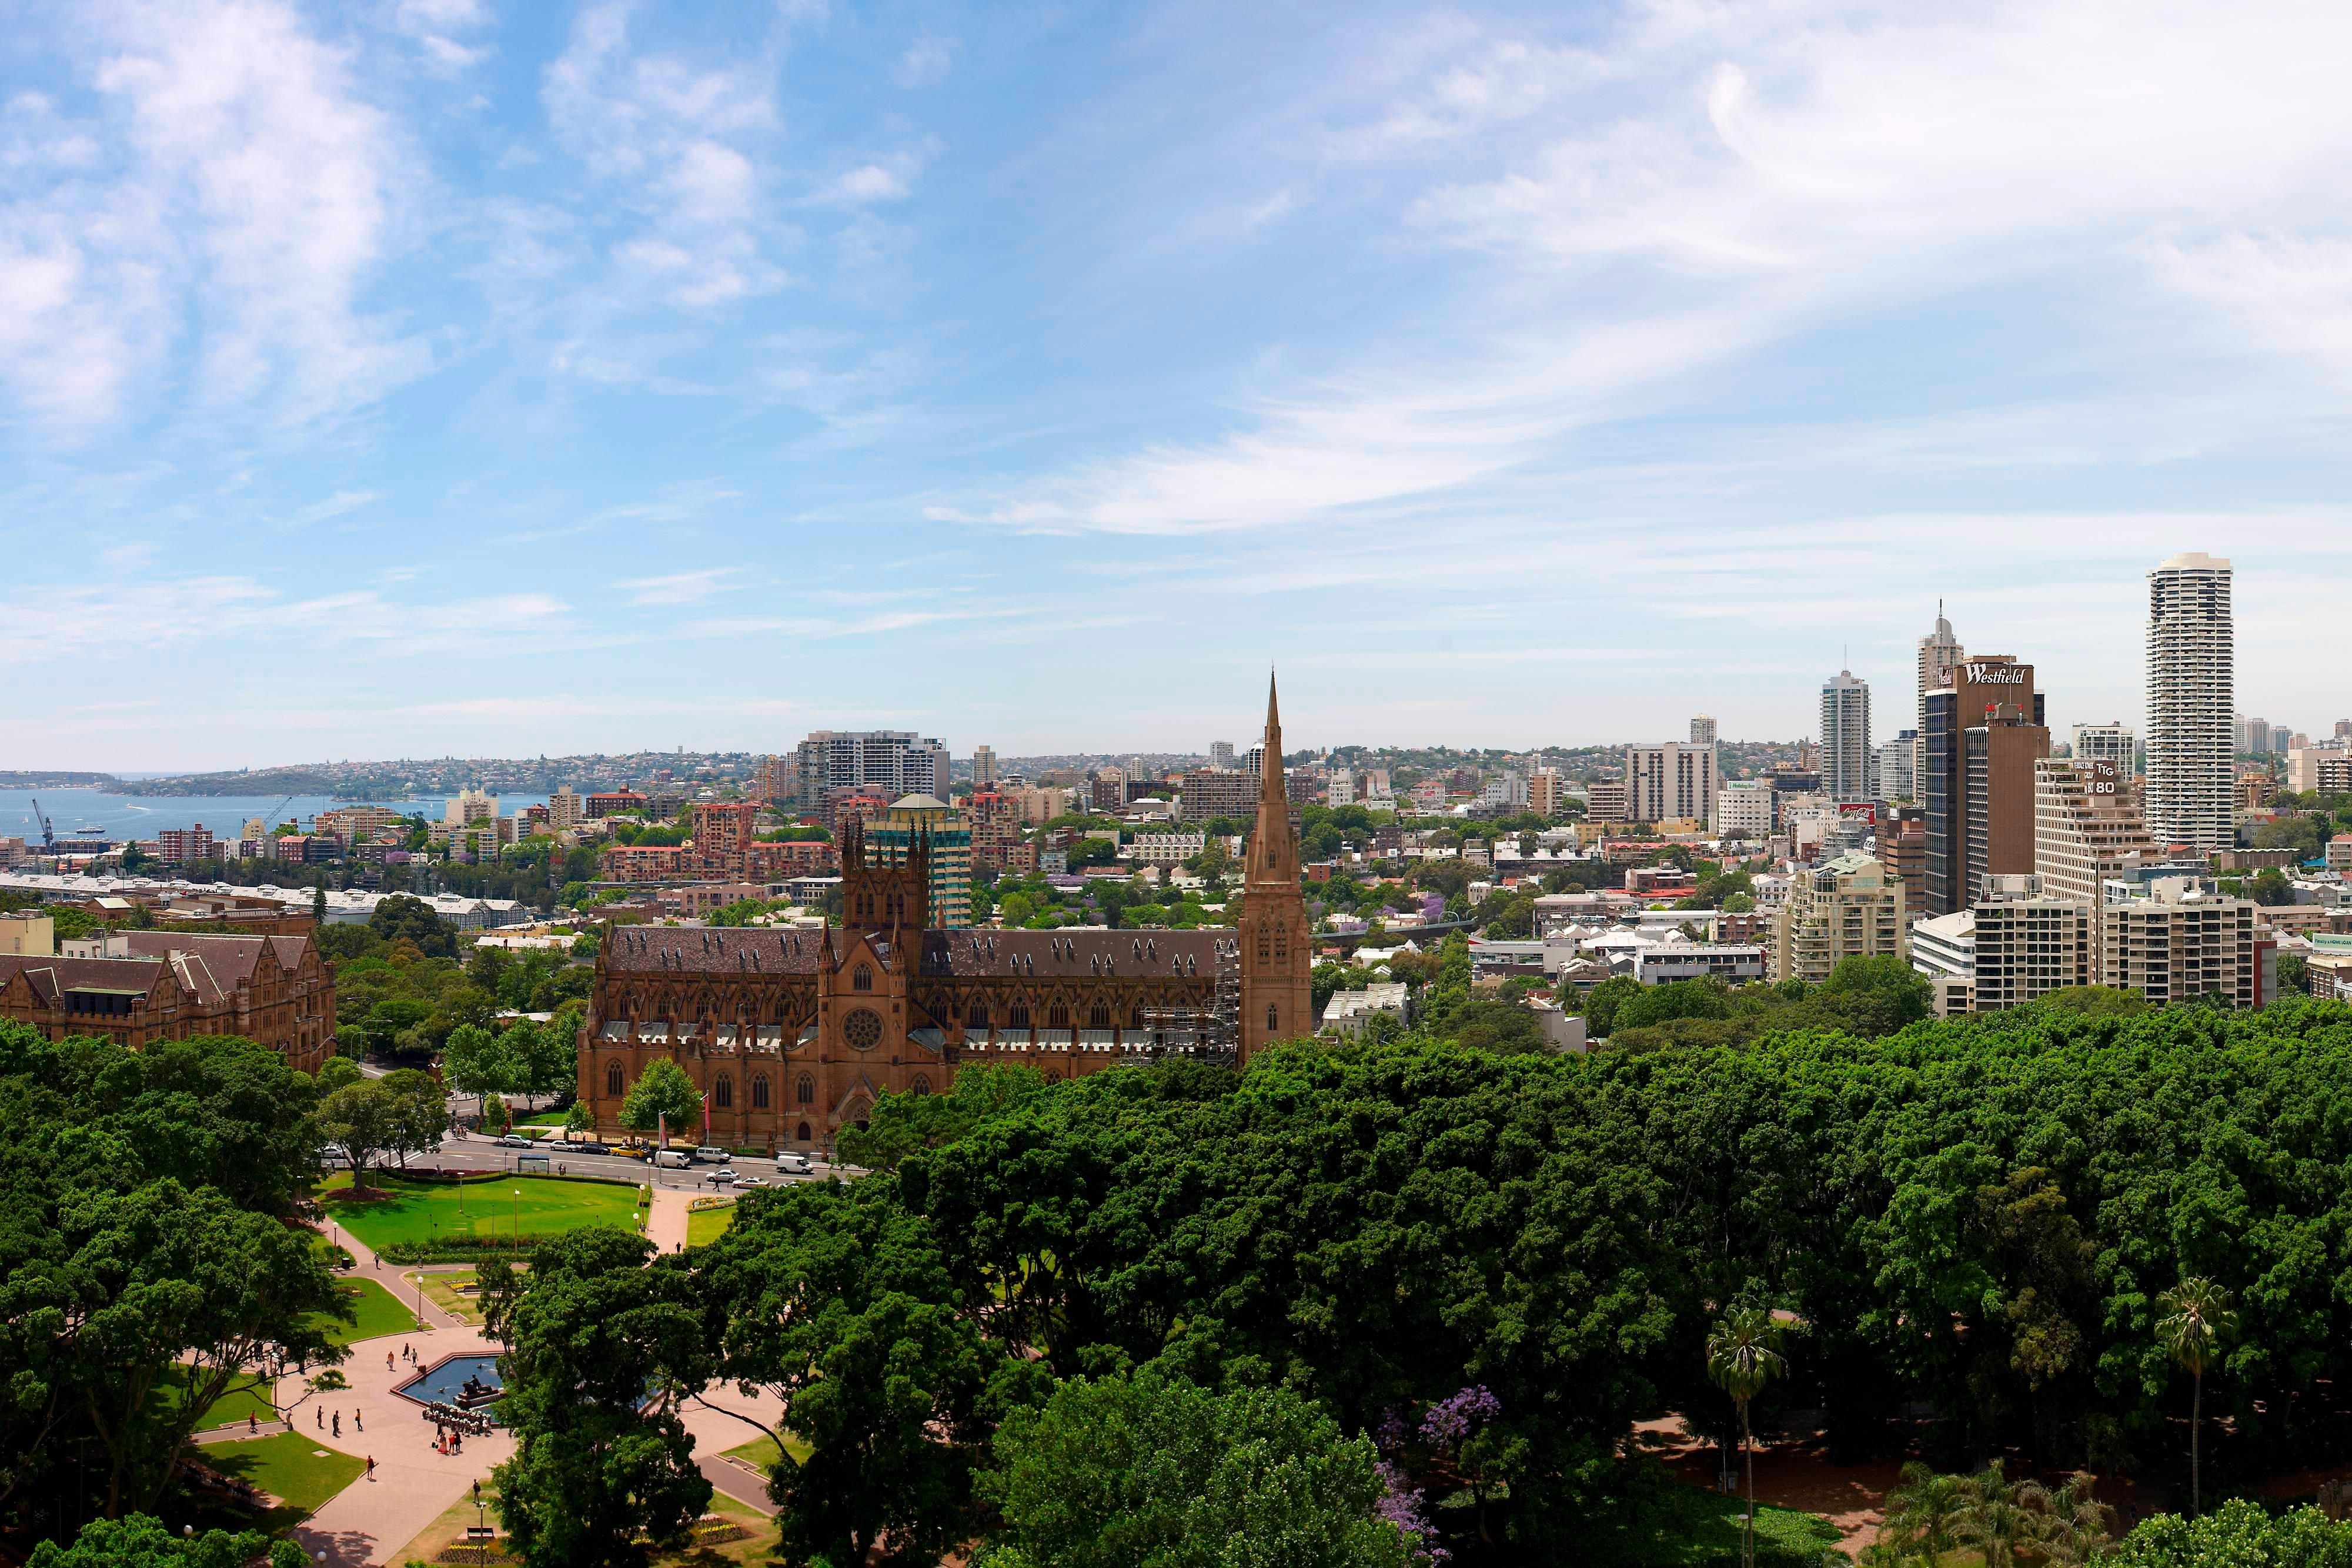 ハイドパークの眺め